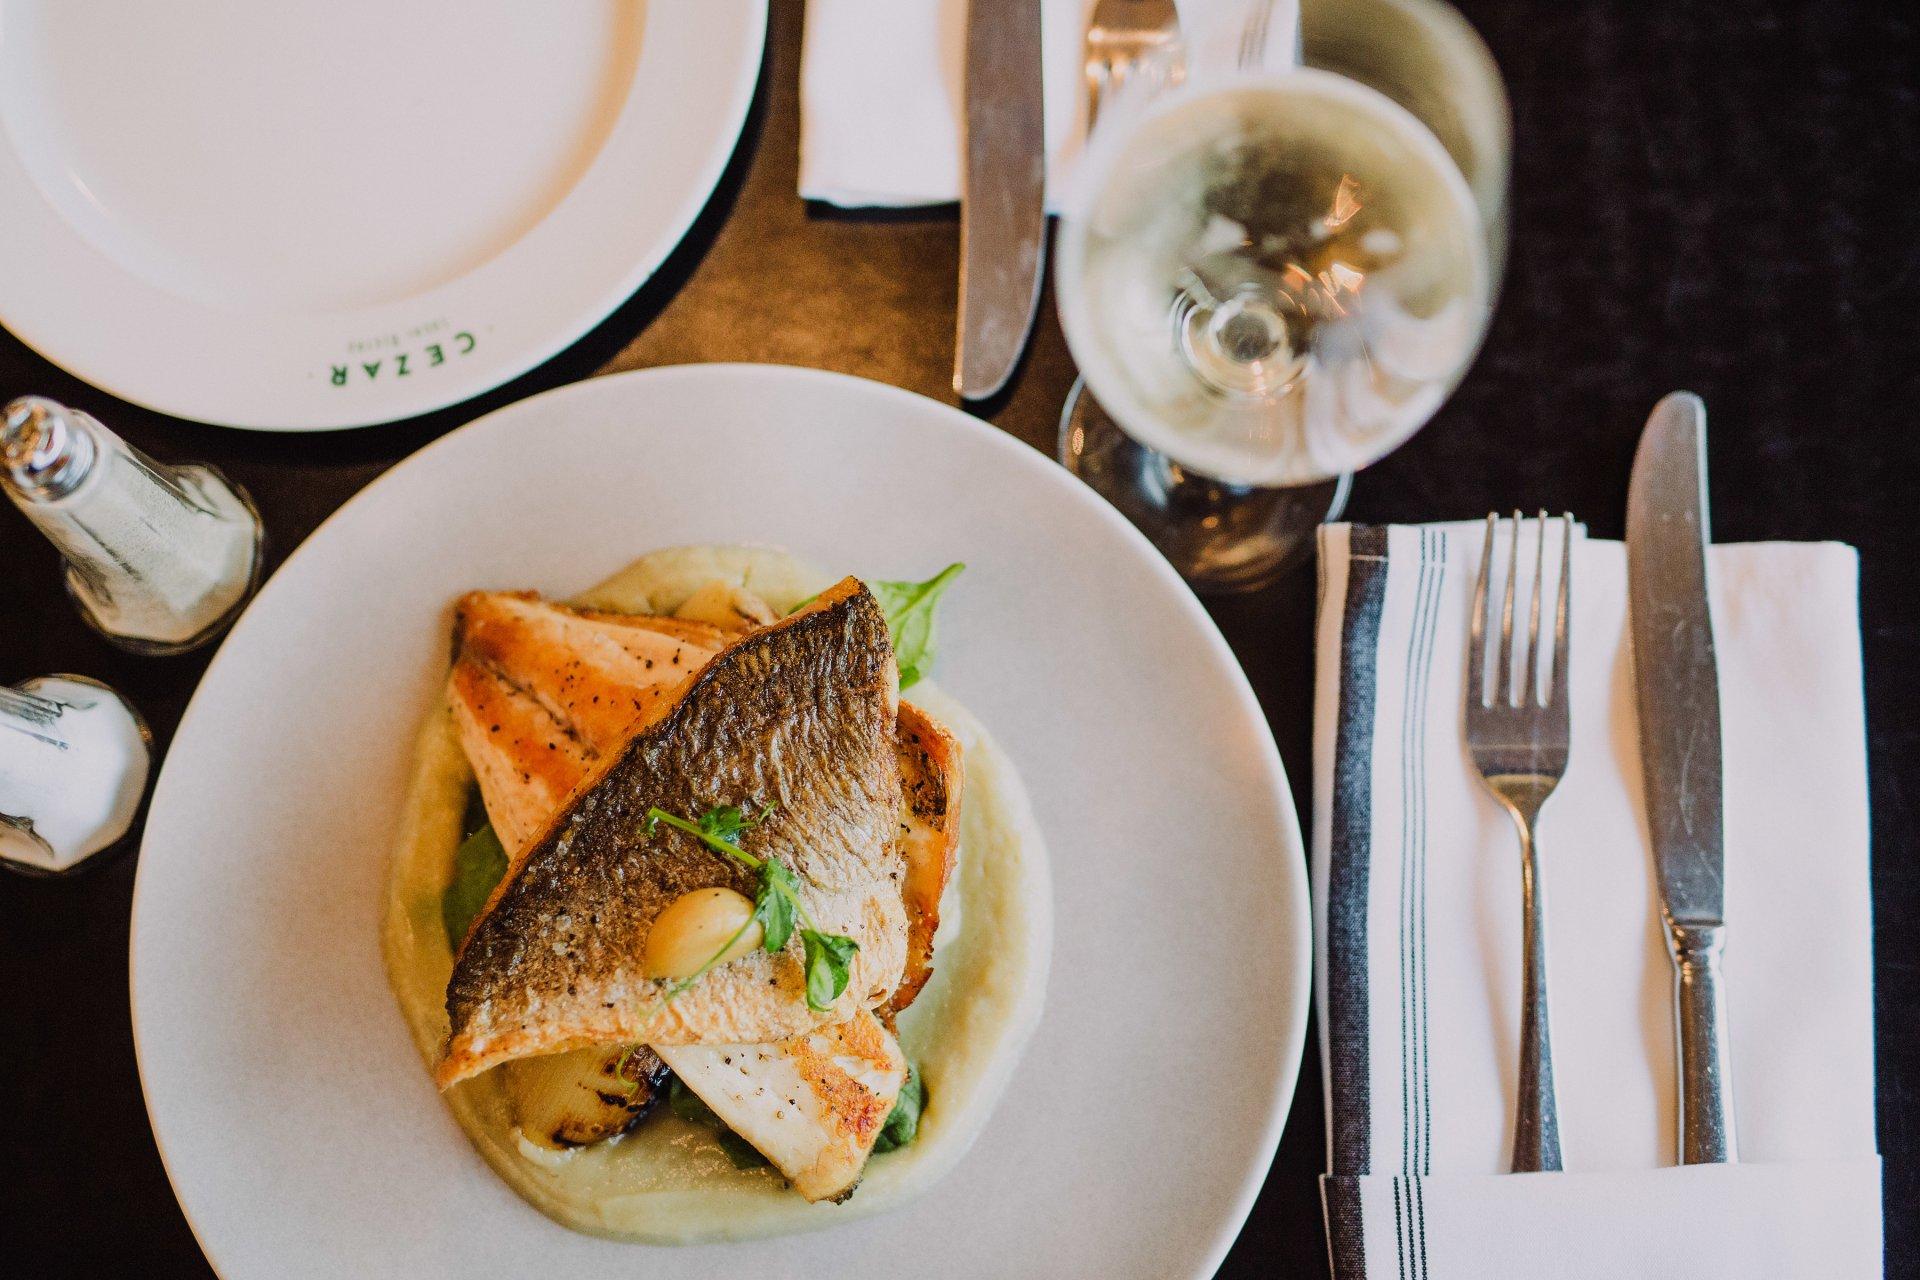 פילה דג ים של ביסטרו סזאר (צילום: אייל כהן)